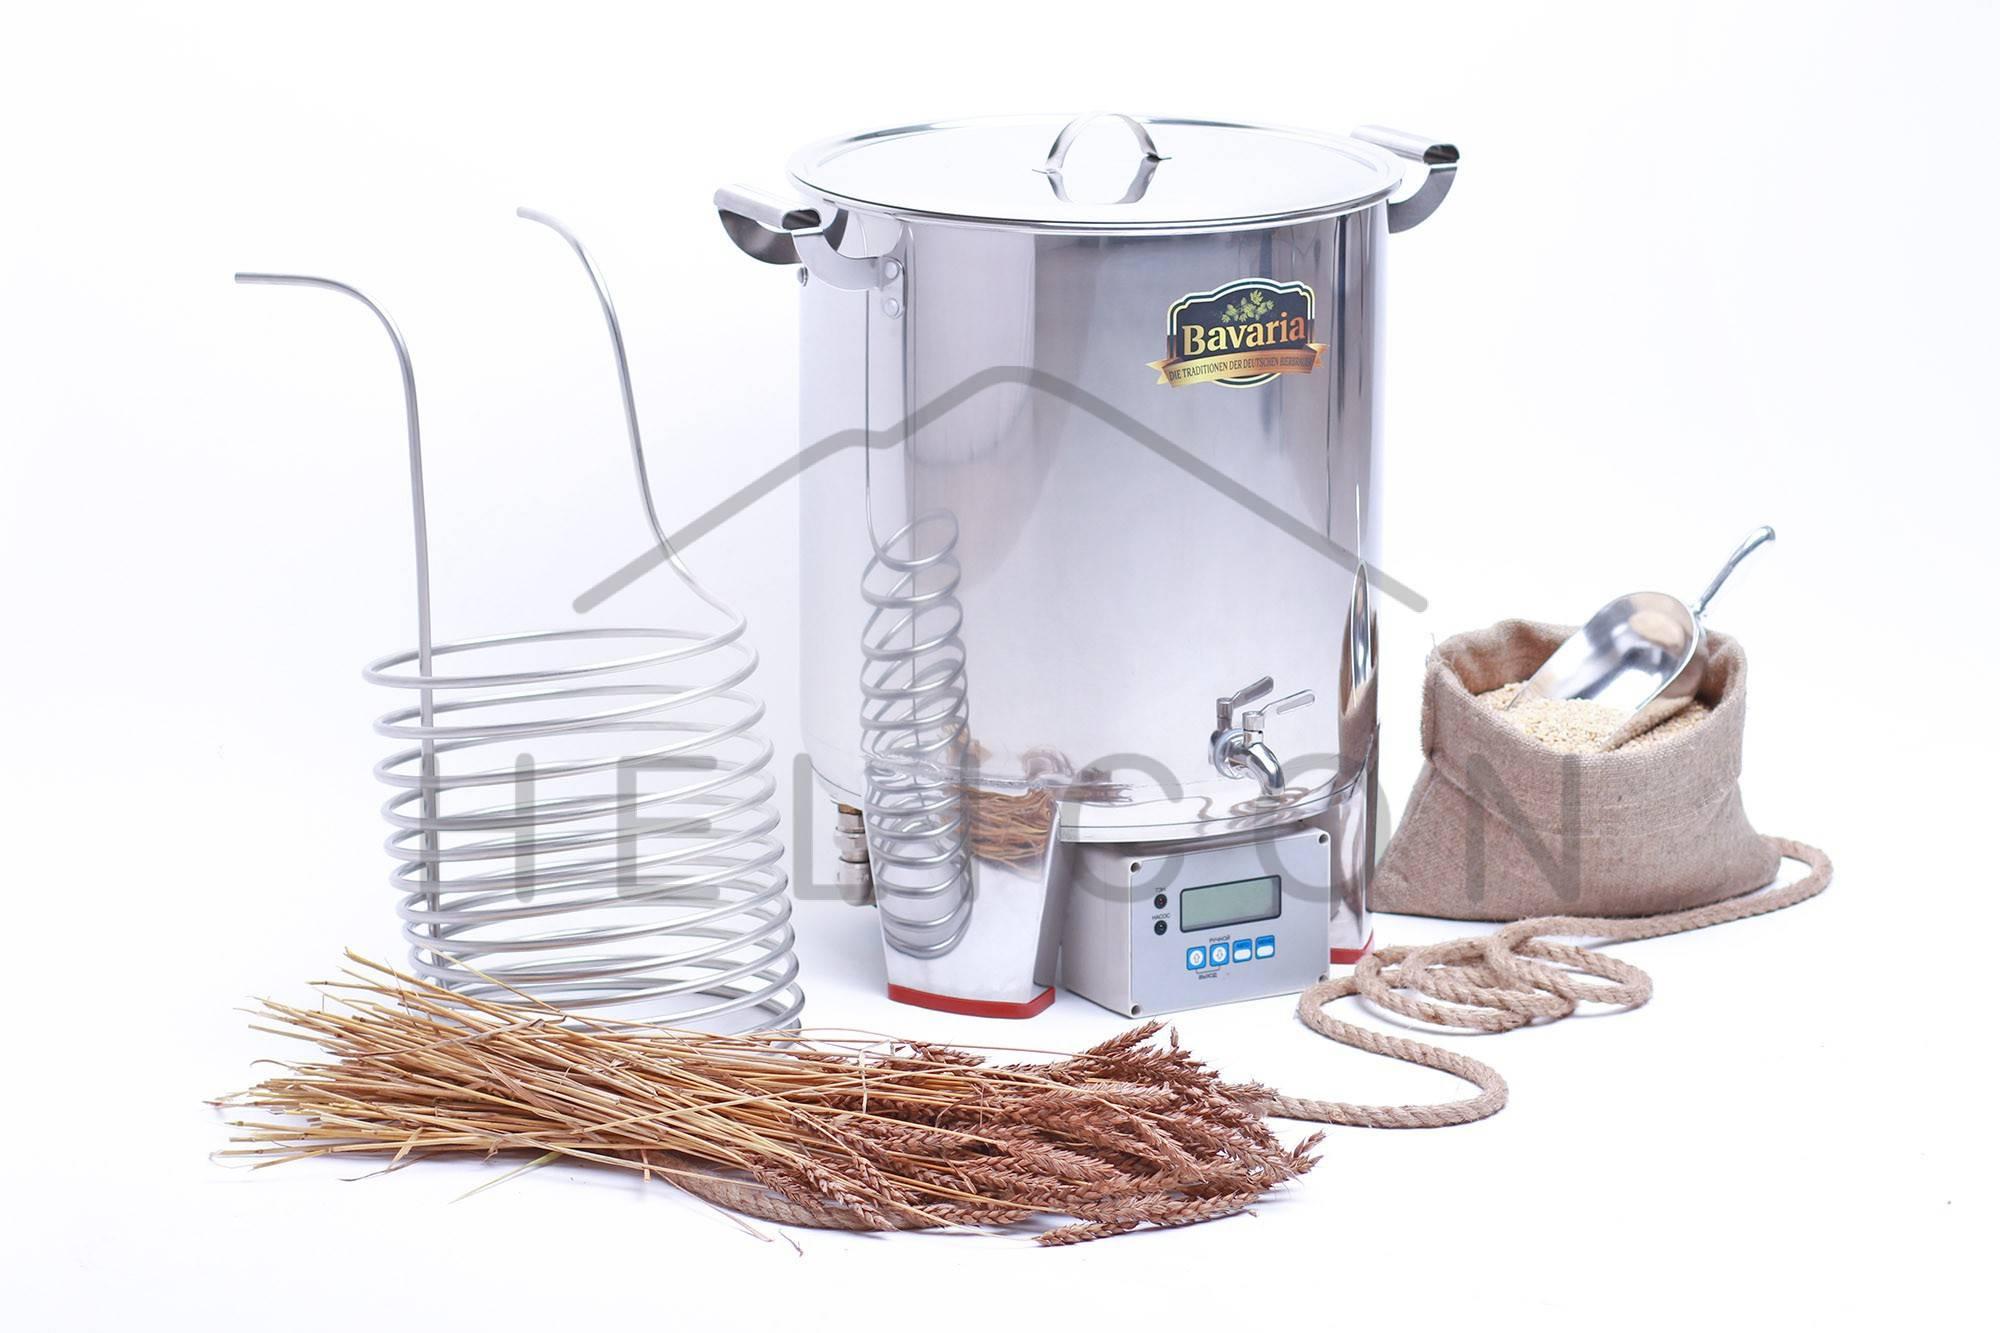 """Домашняя пивоварня """"бавария"""": обзор, особенности, рецепты и отзывы"""